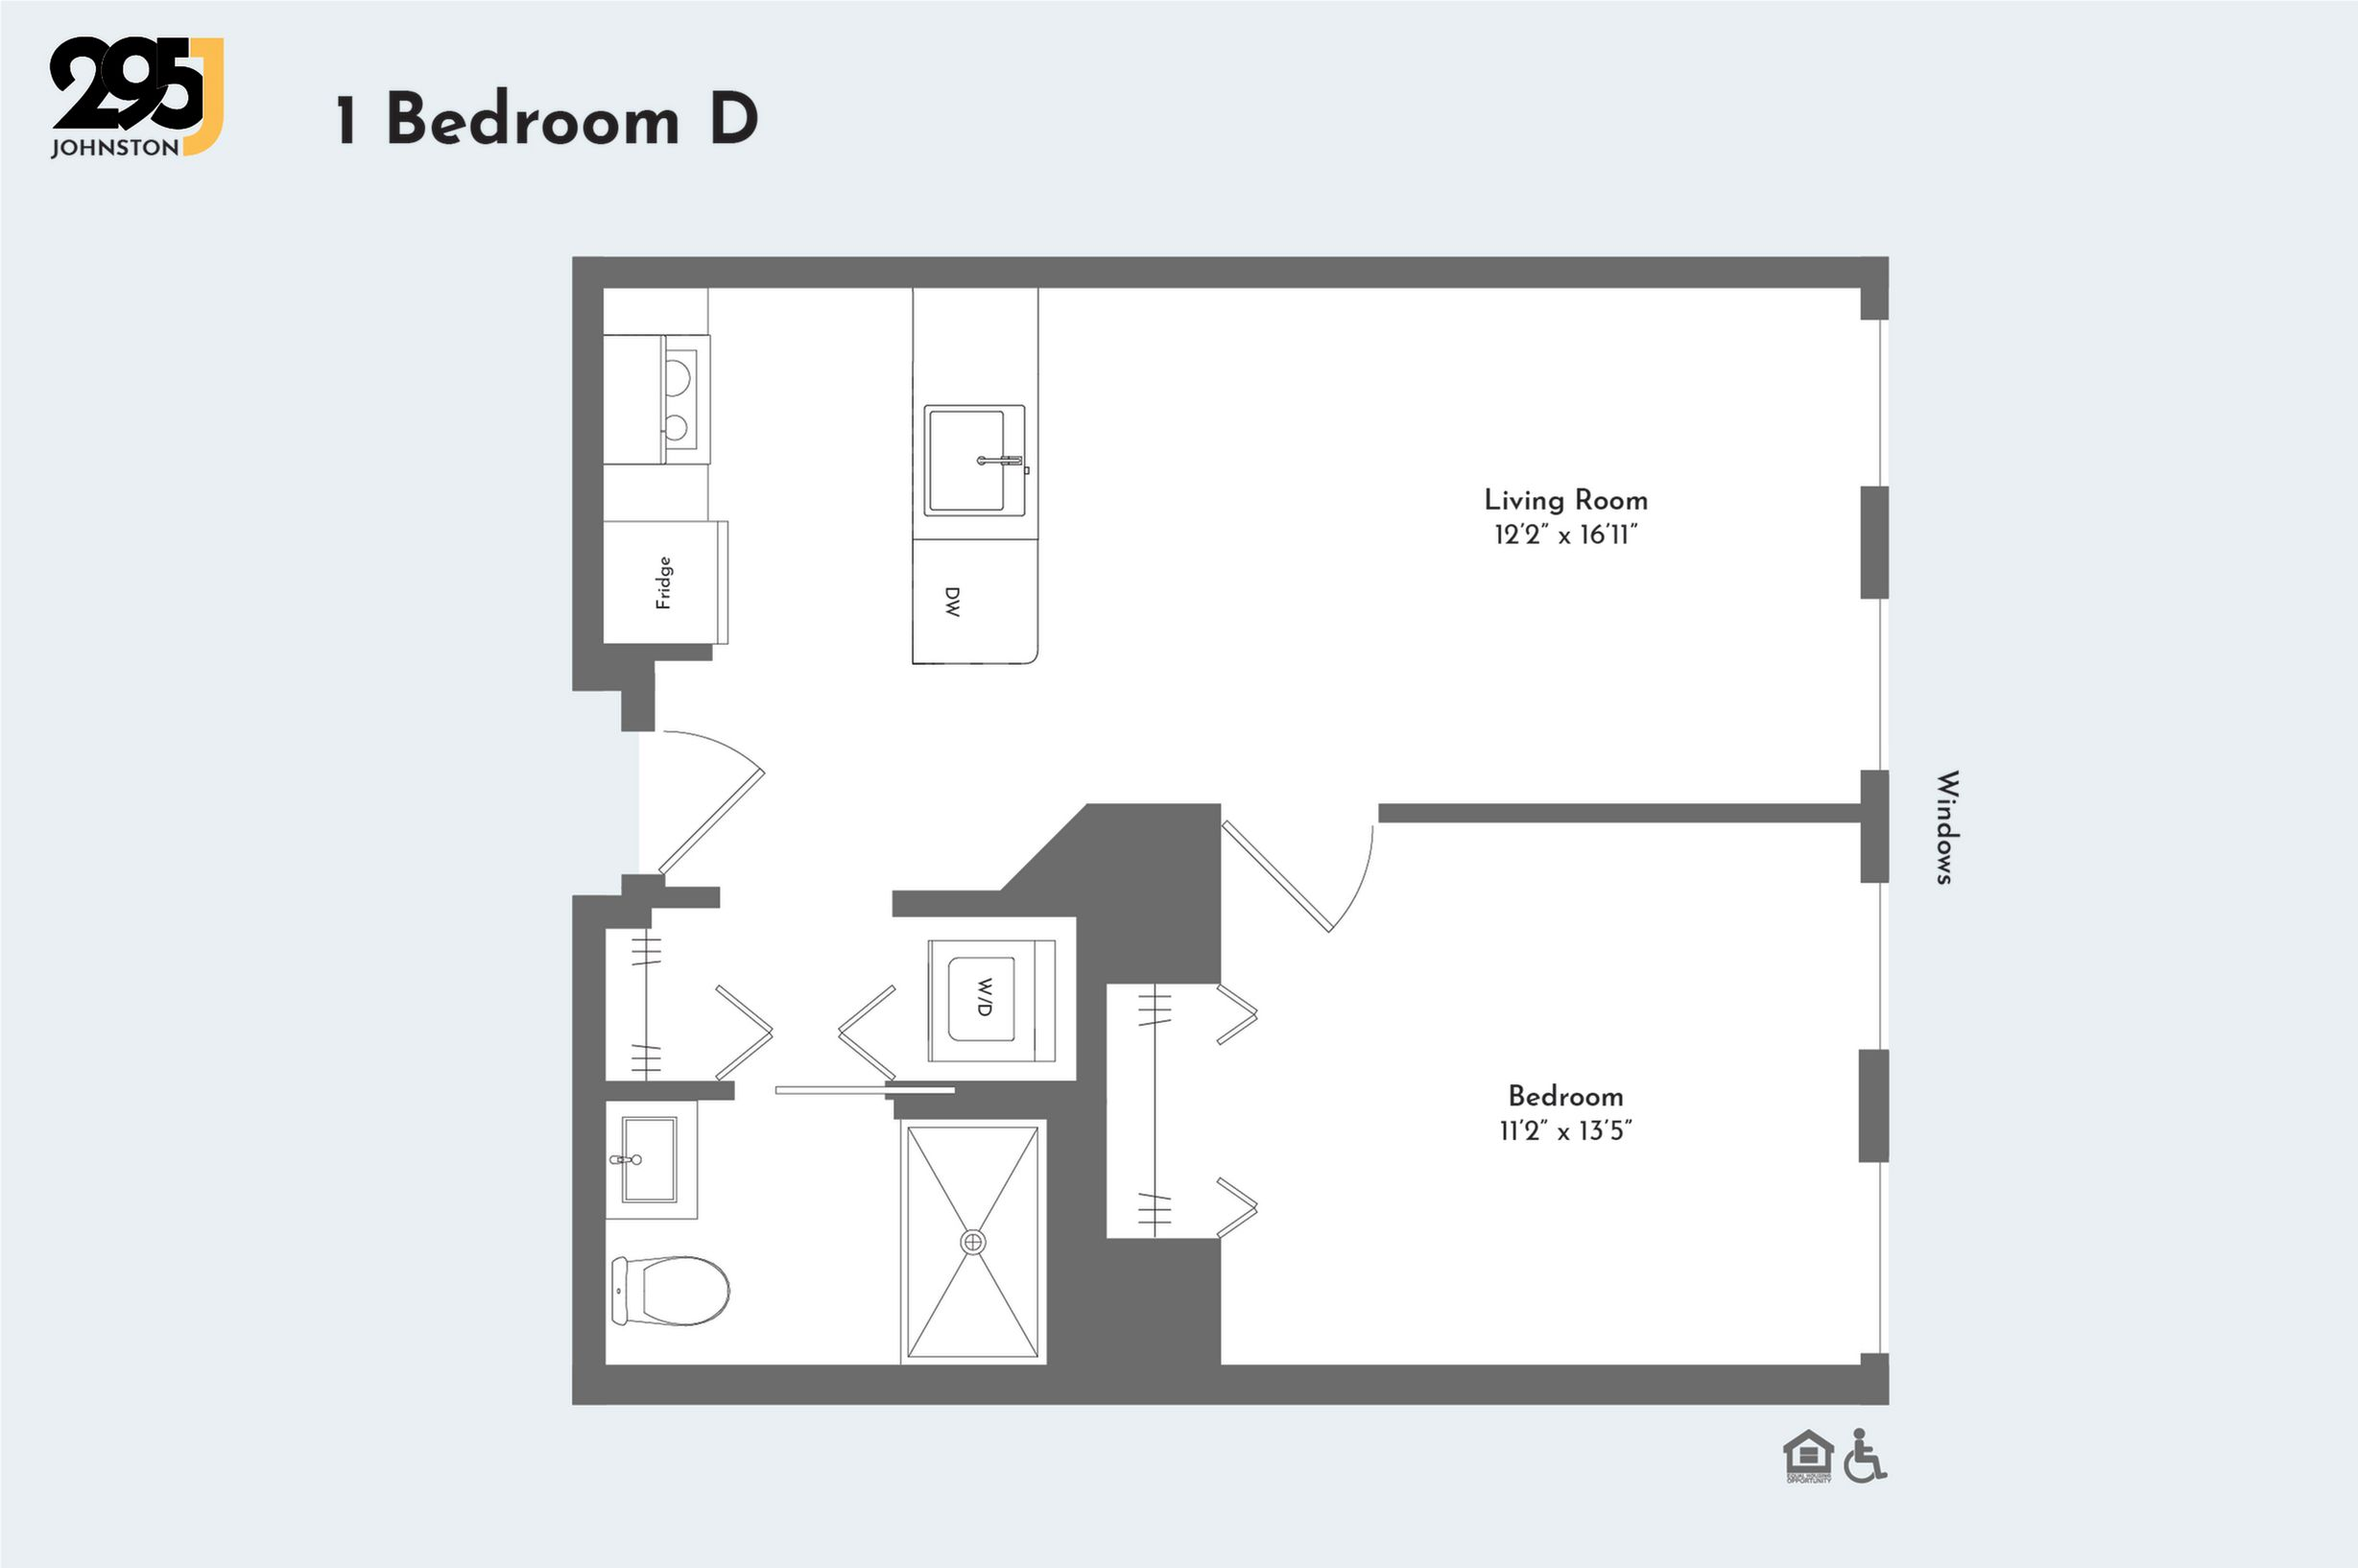 1 Bedroom D floorplan